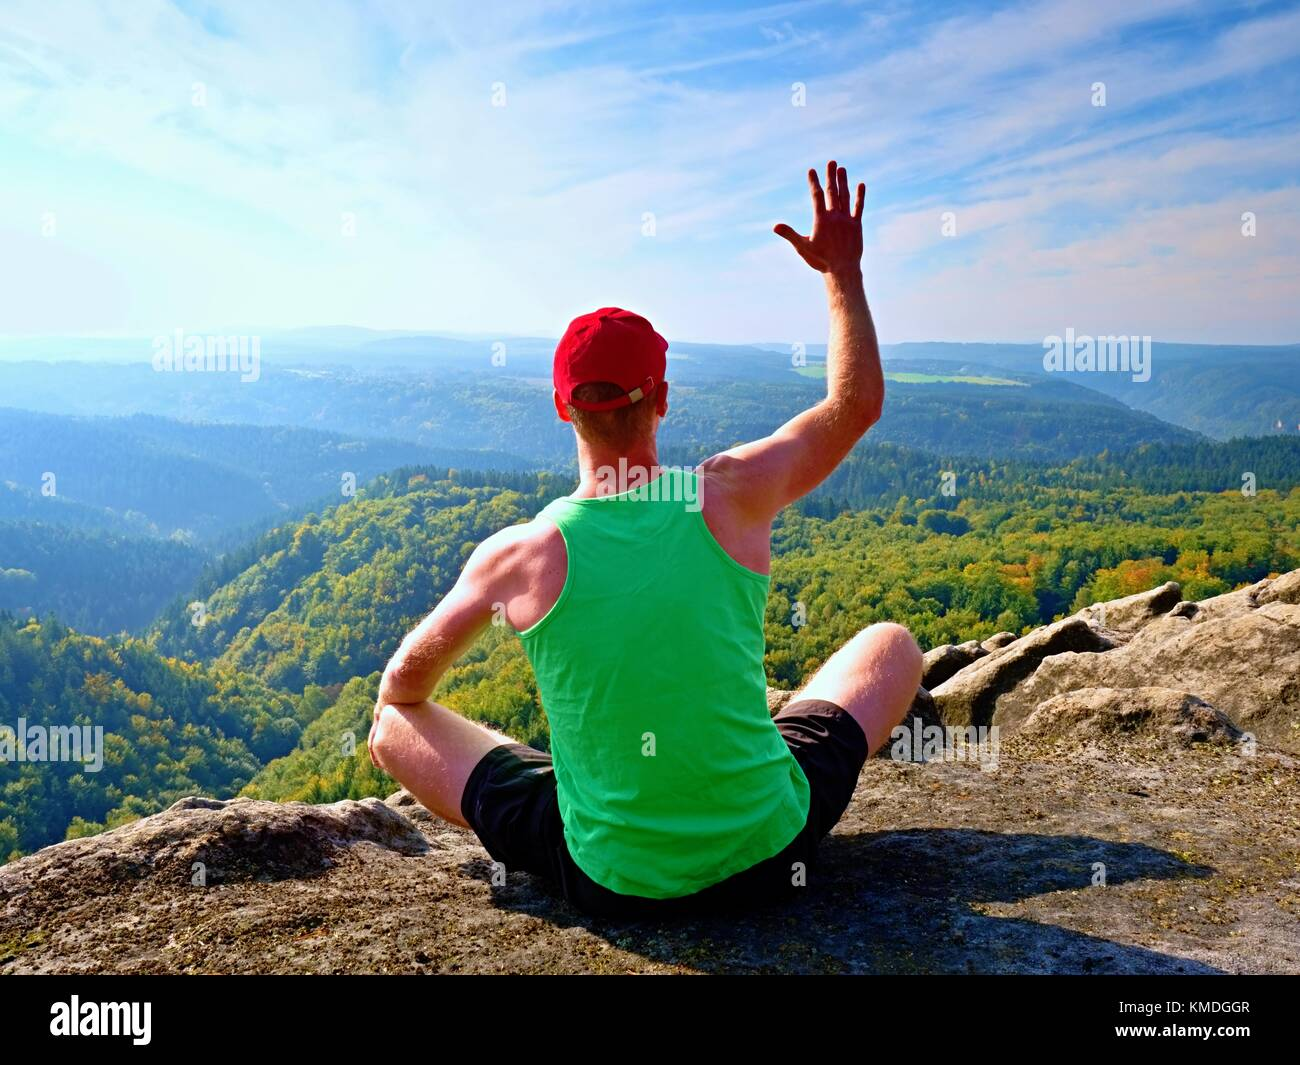 Schlanken Körper Wanderer in Grün Hemd und schwarzen Hosen sitzen auf einem Felsen, genießen Sie Stockbild